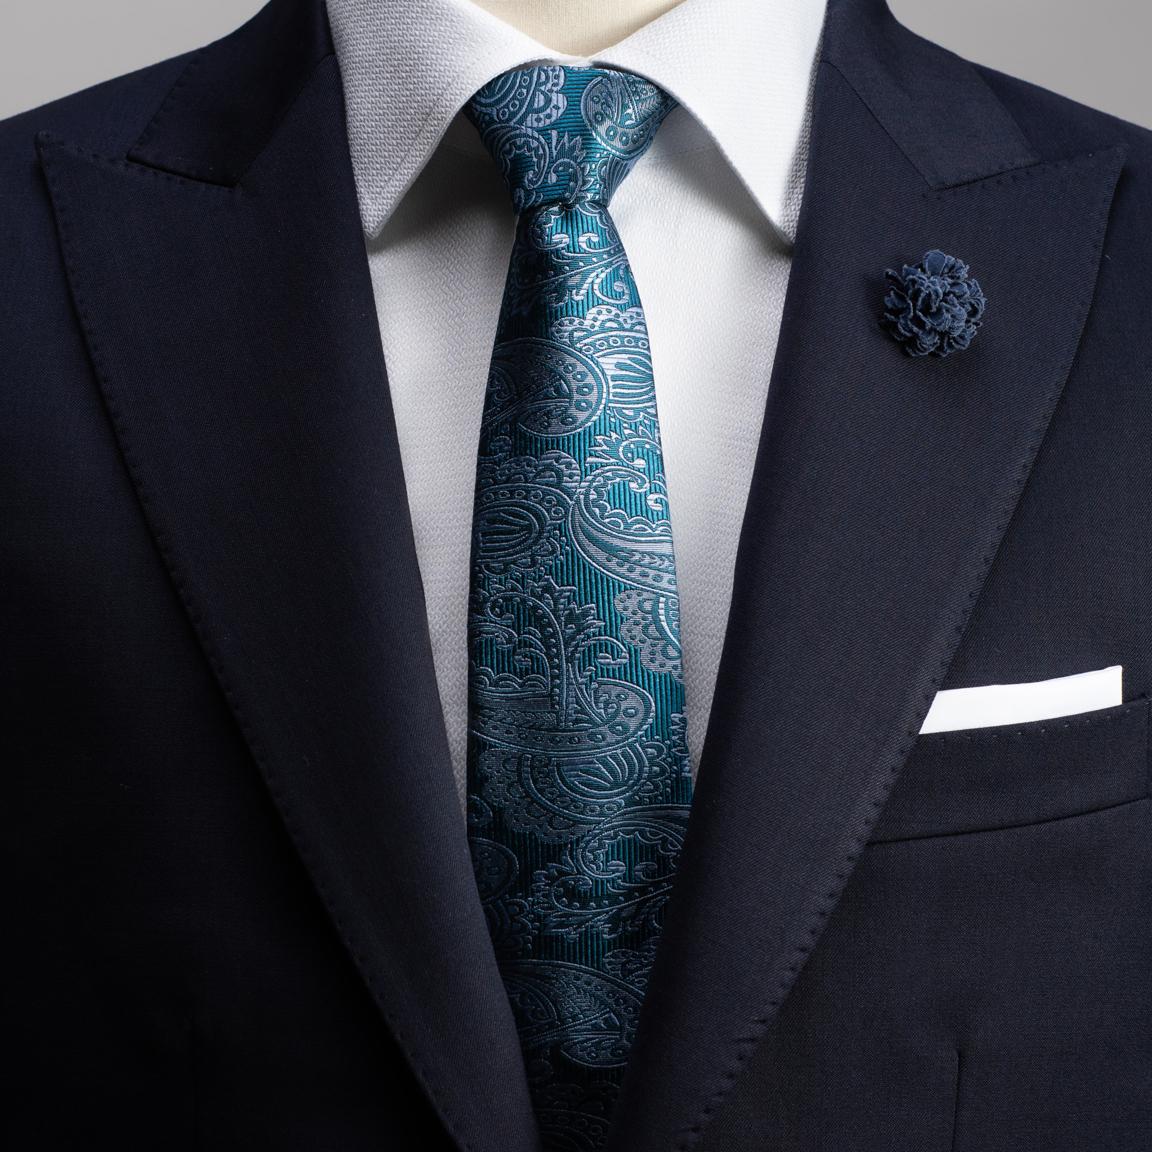 Cravate en soie en bleu paisley